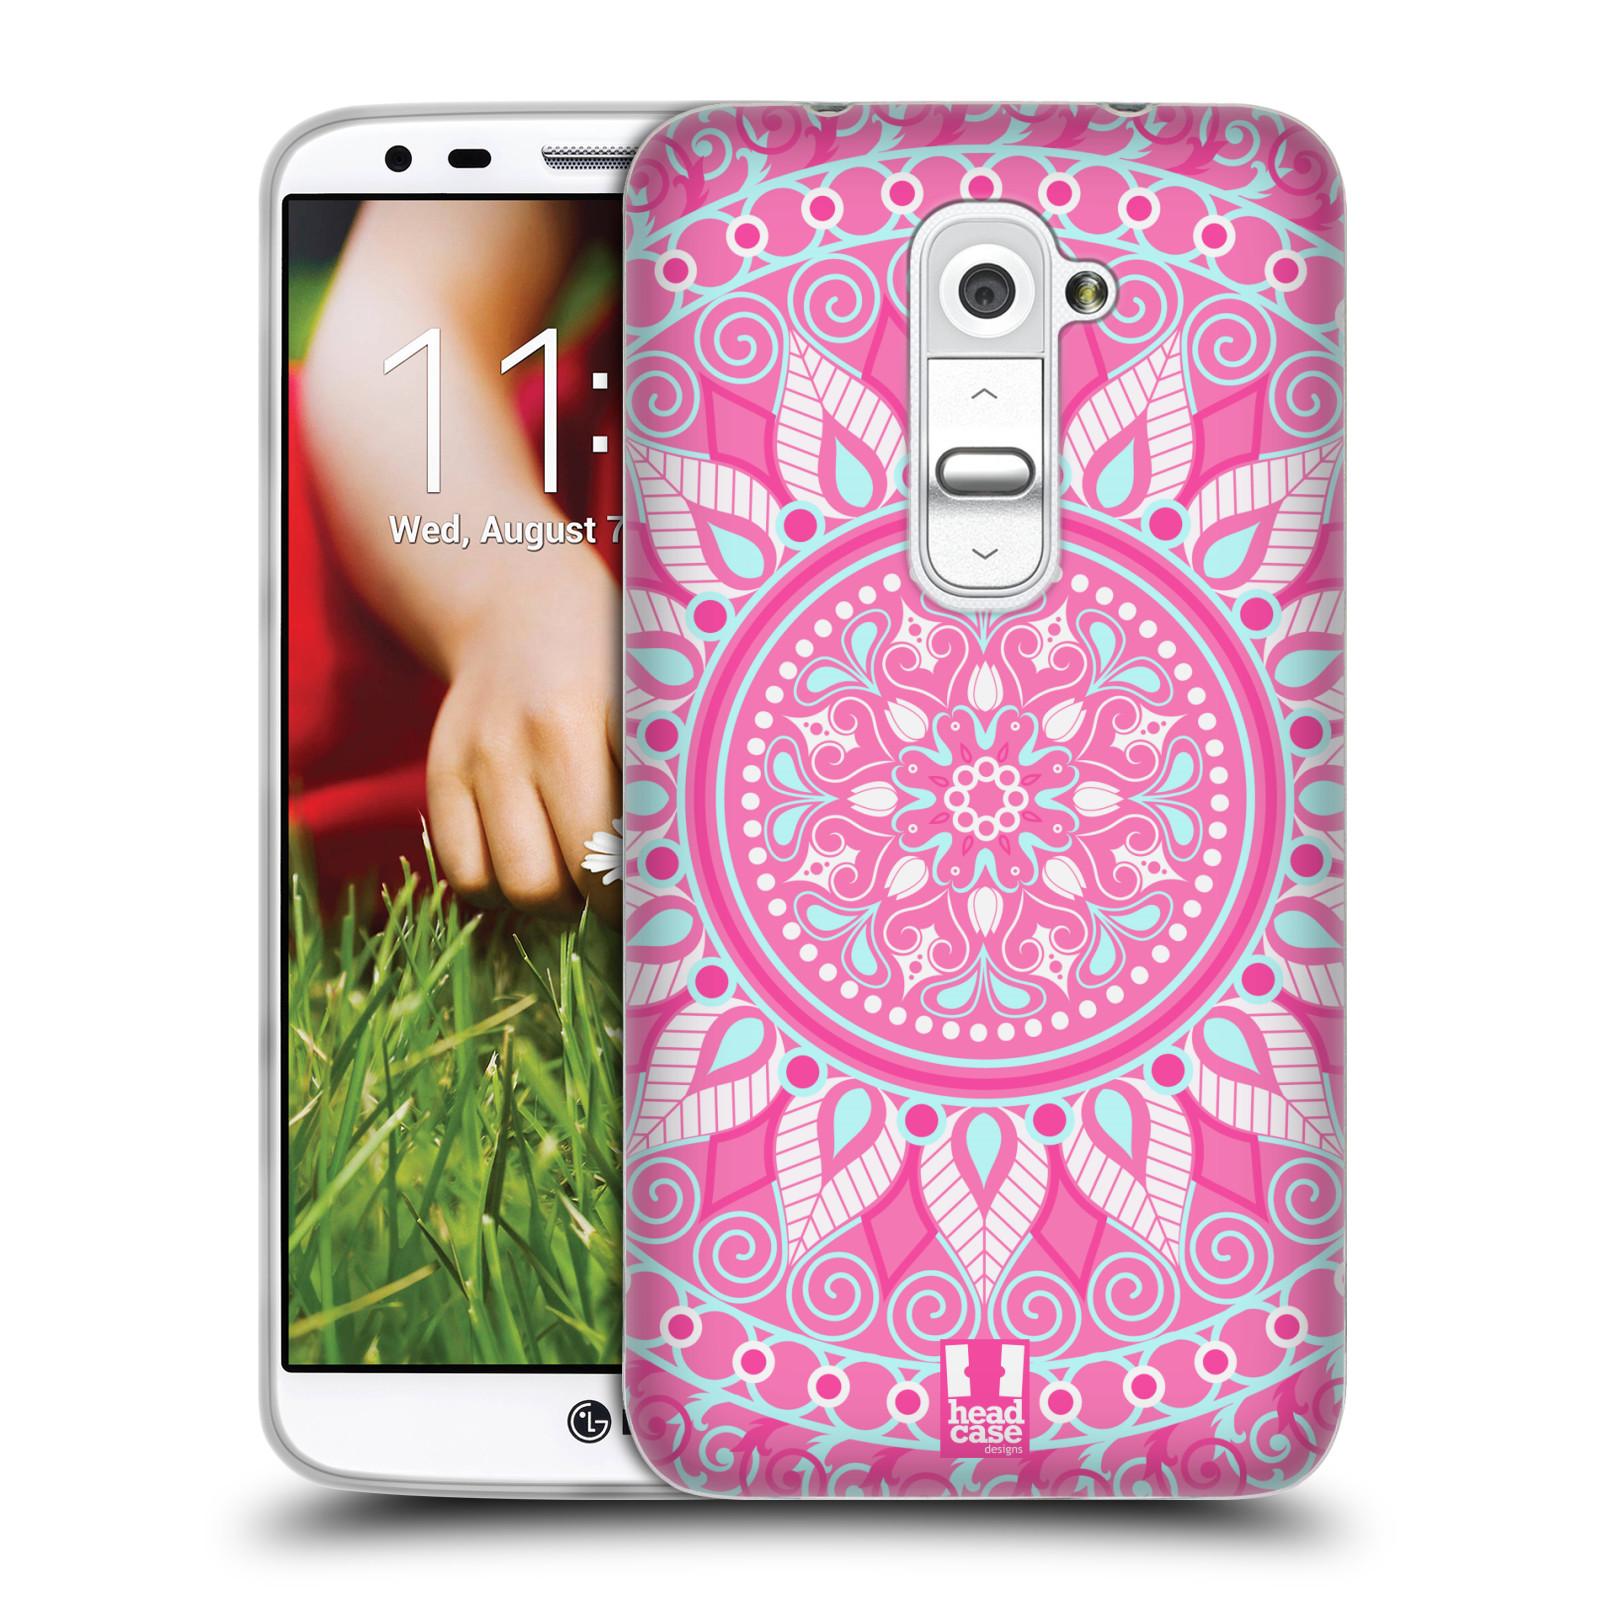 HEAD CASE silikonový obal na mobil LG G2 vzor Indie Mandala slunce barevný motiv RŮŽOVÁ